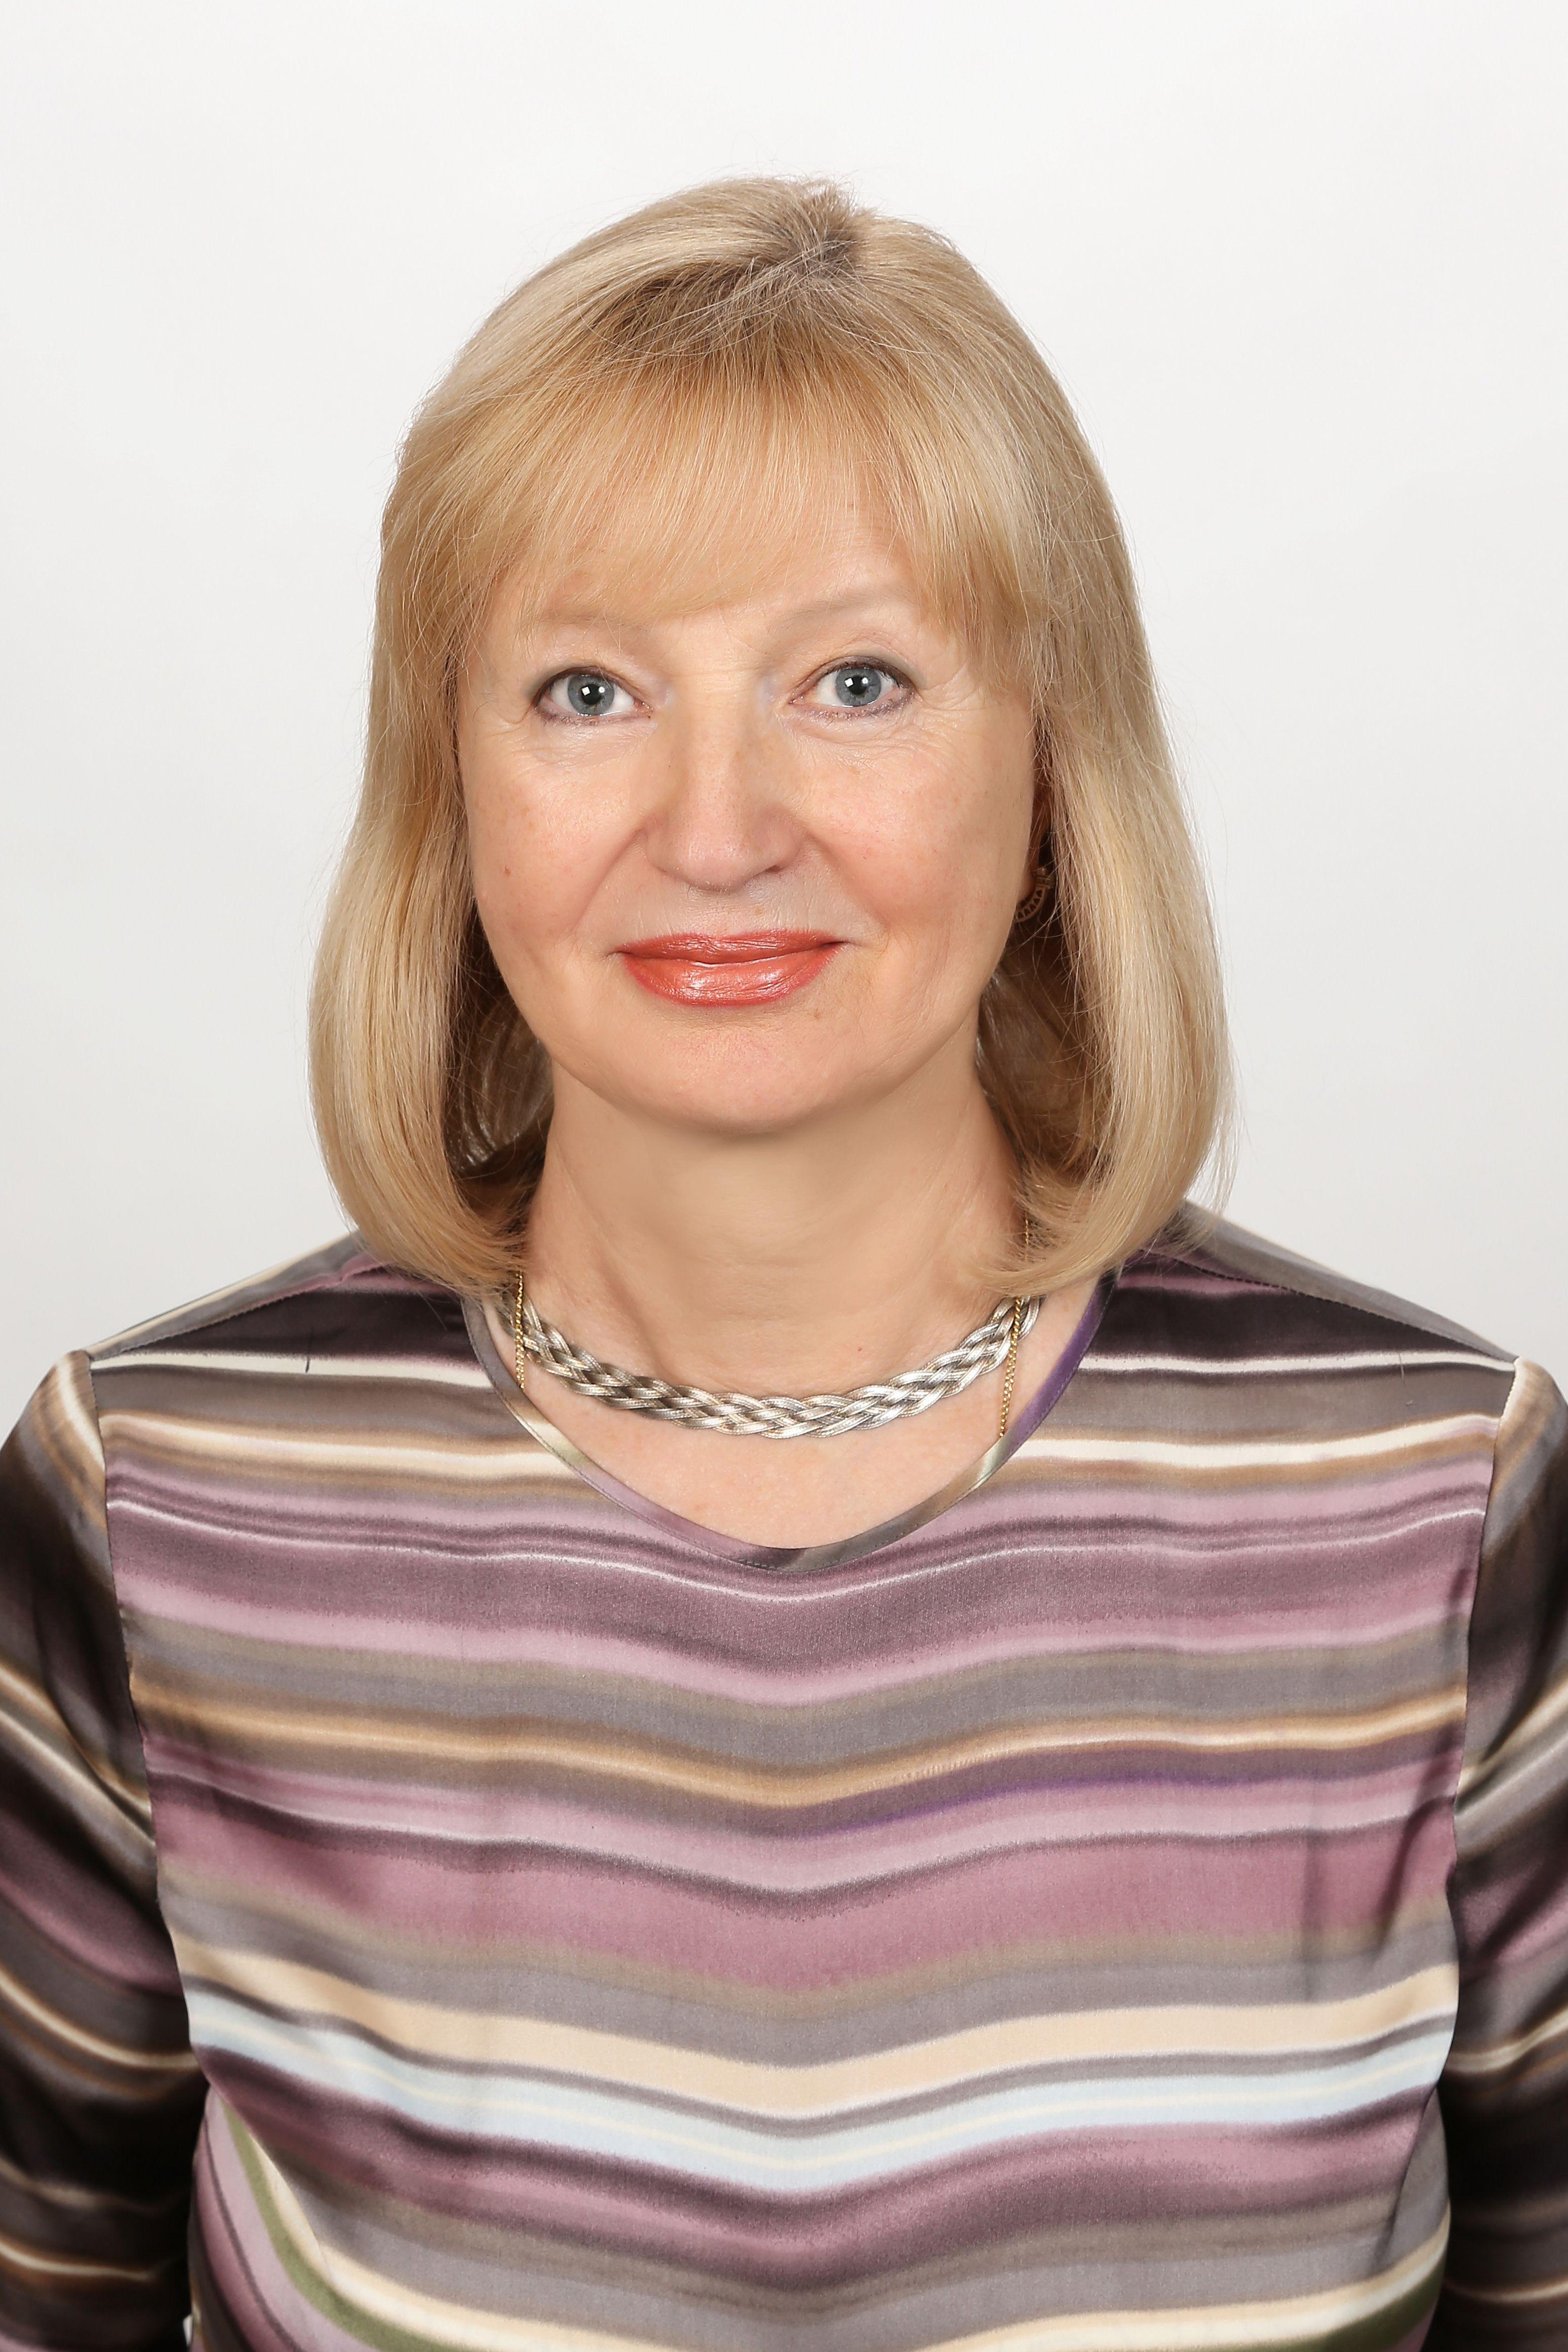 galchinskaya